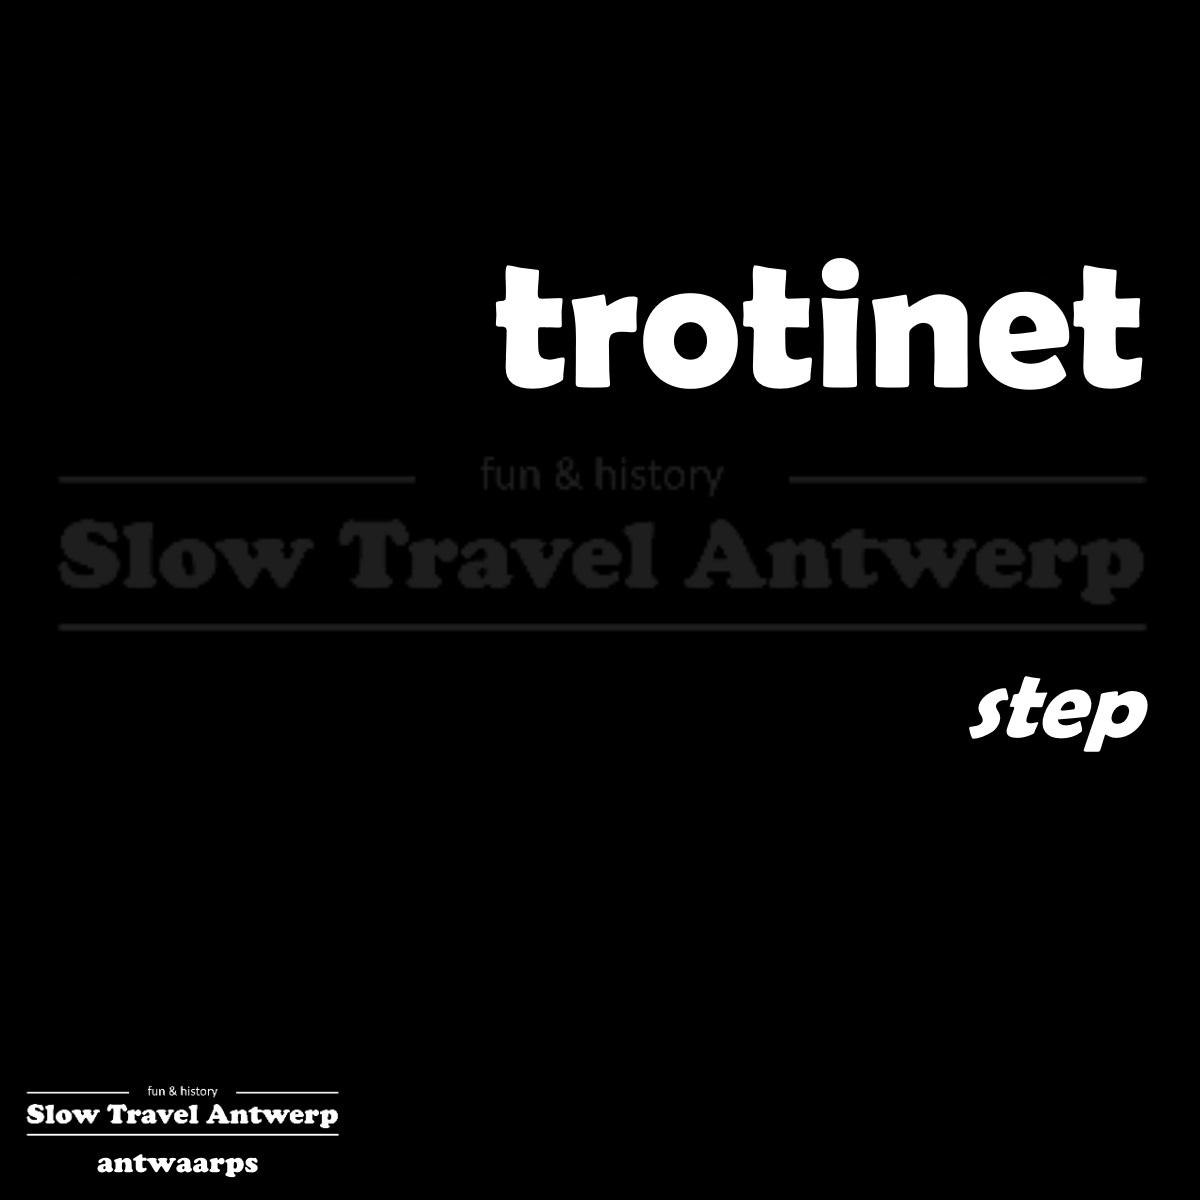 trotinet – step